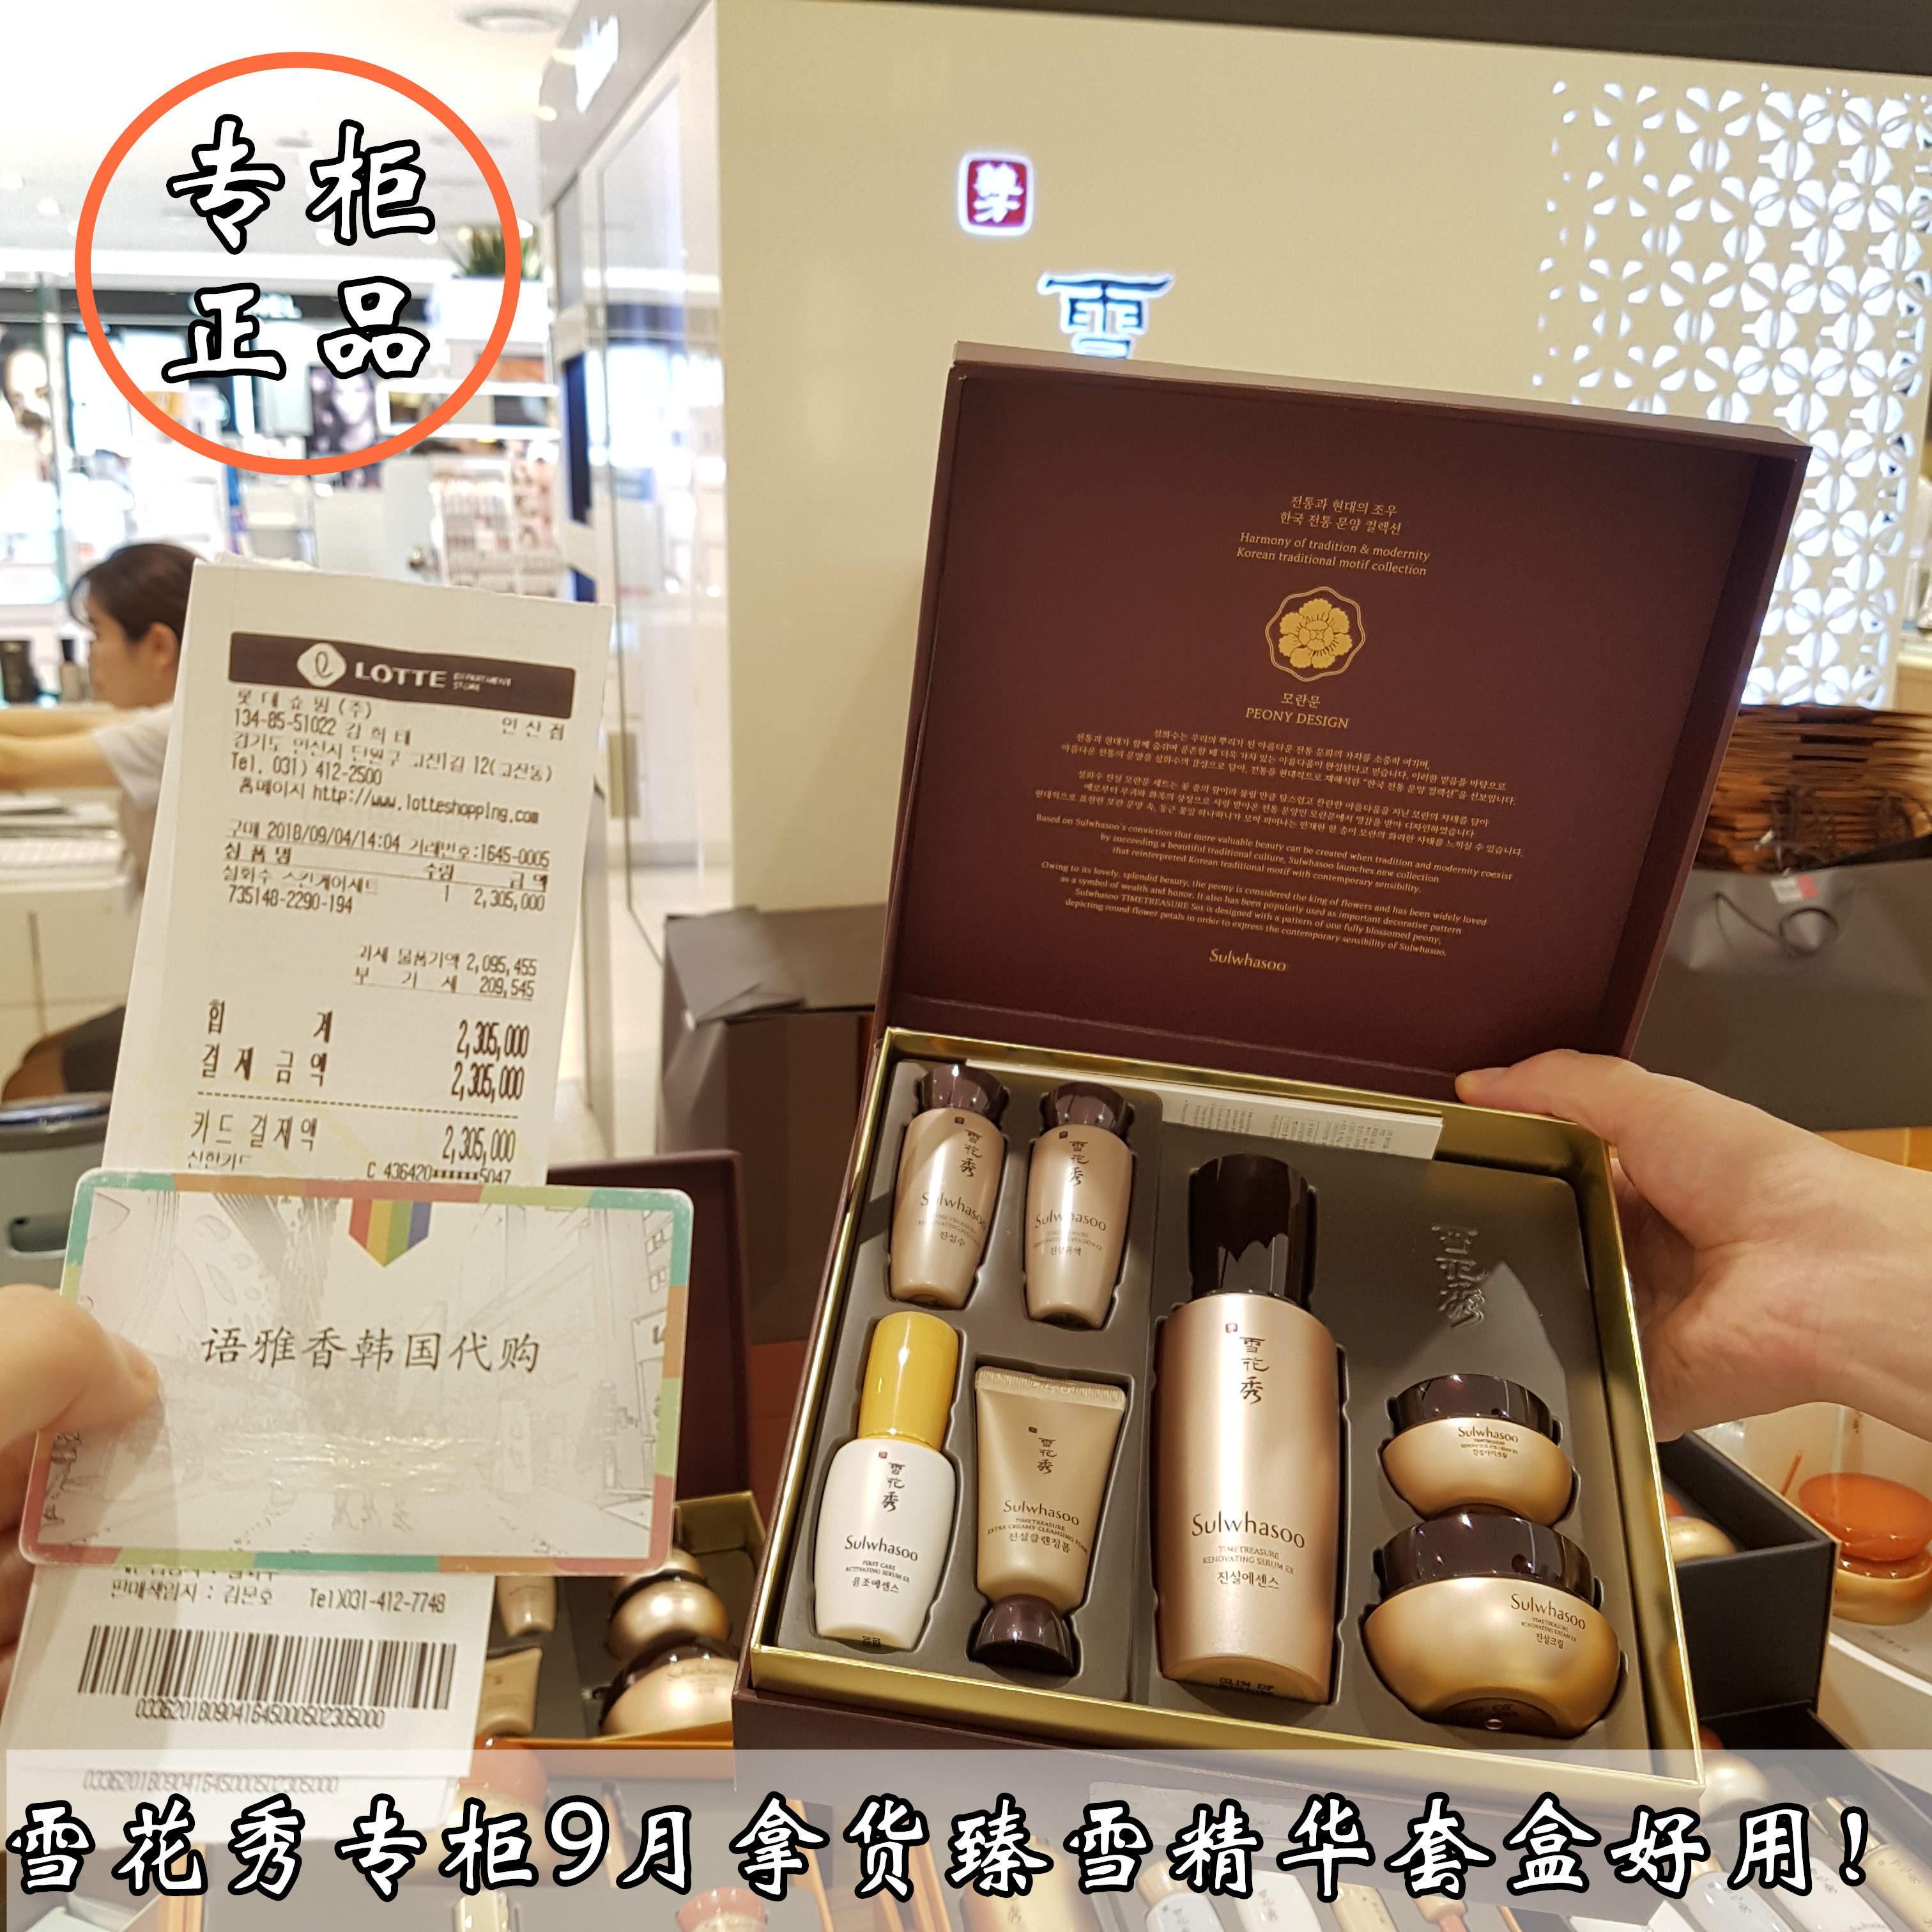 正品保证韩国专柜雪花秀珍雪臻秀精华套盒